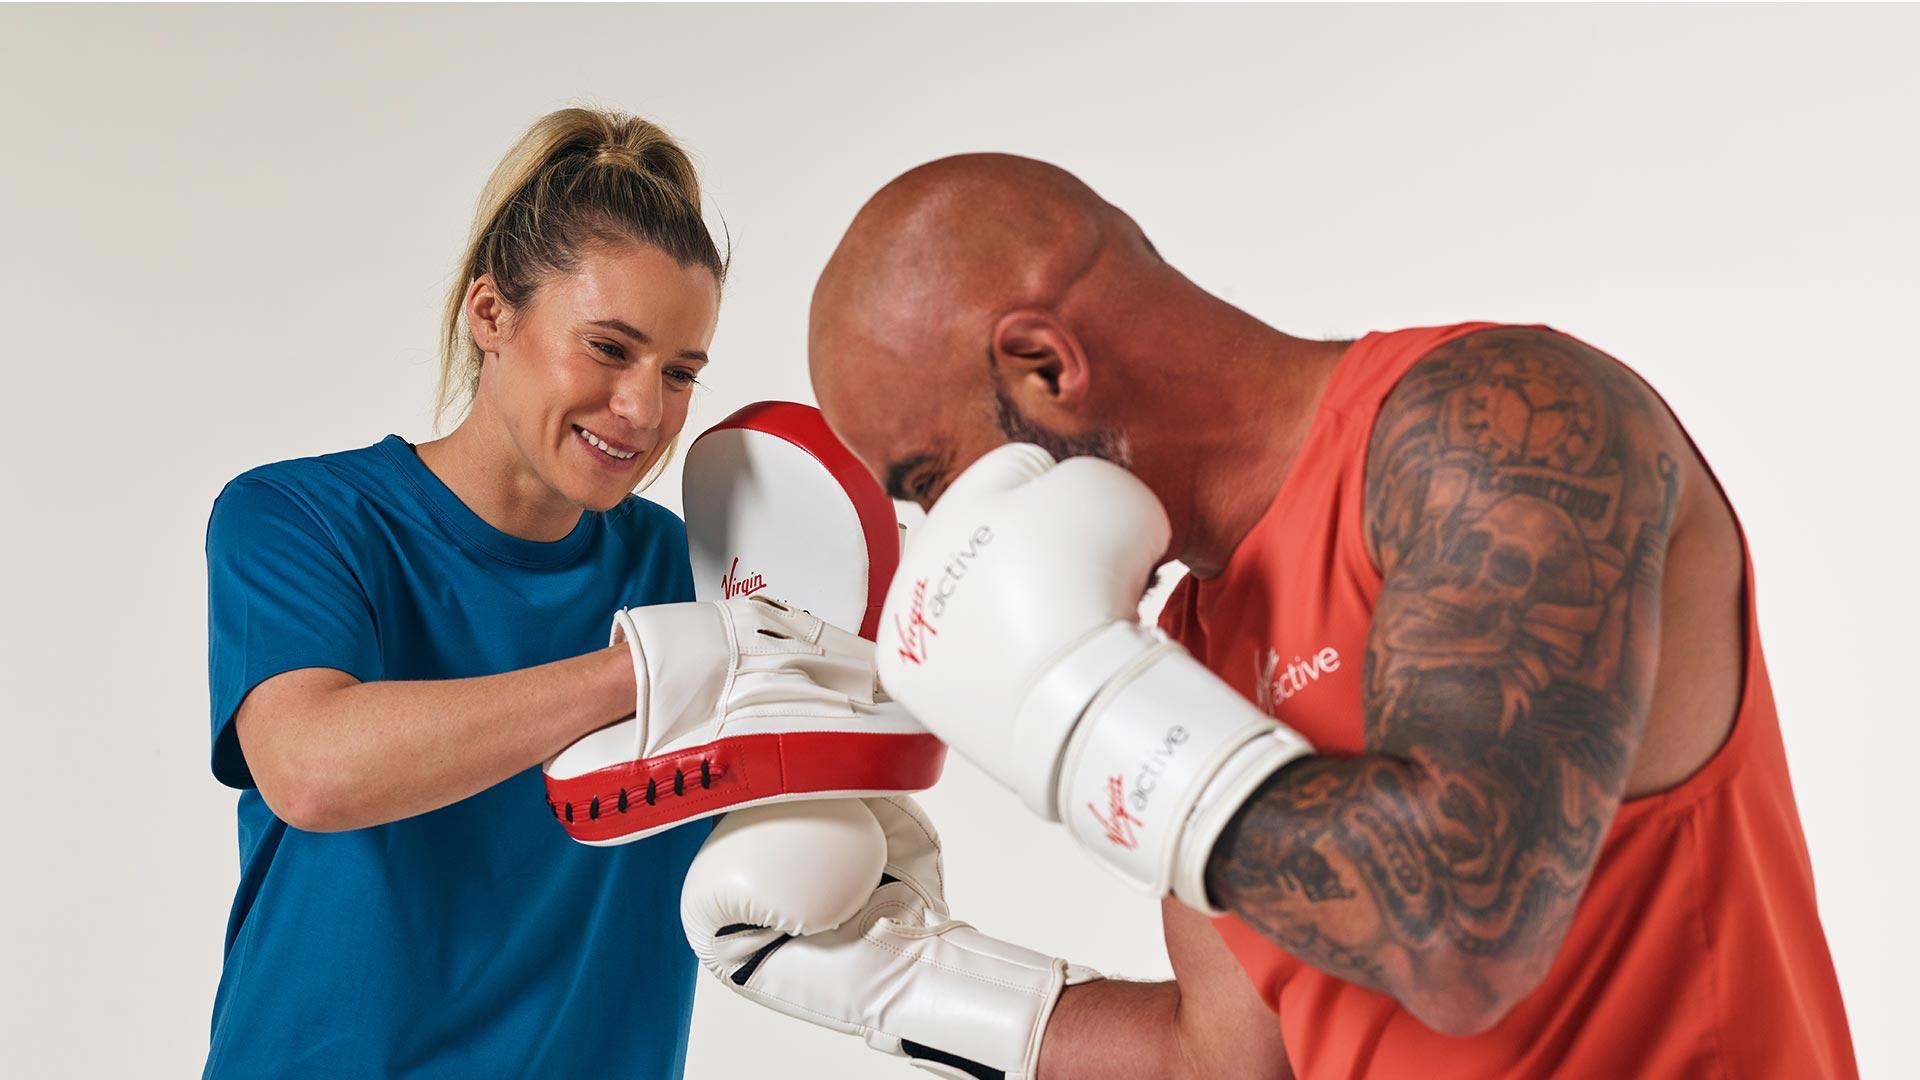 Boxing pad play